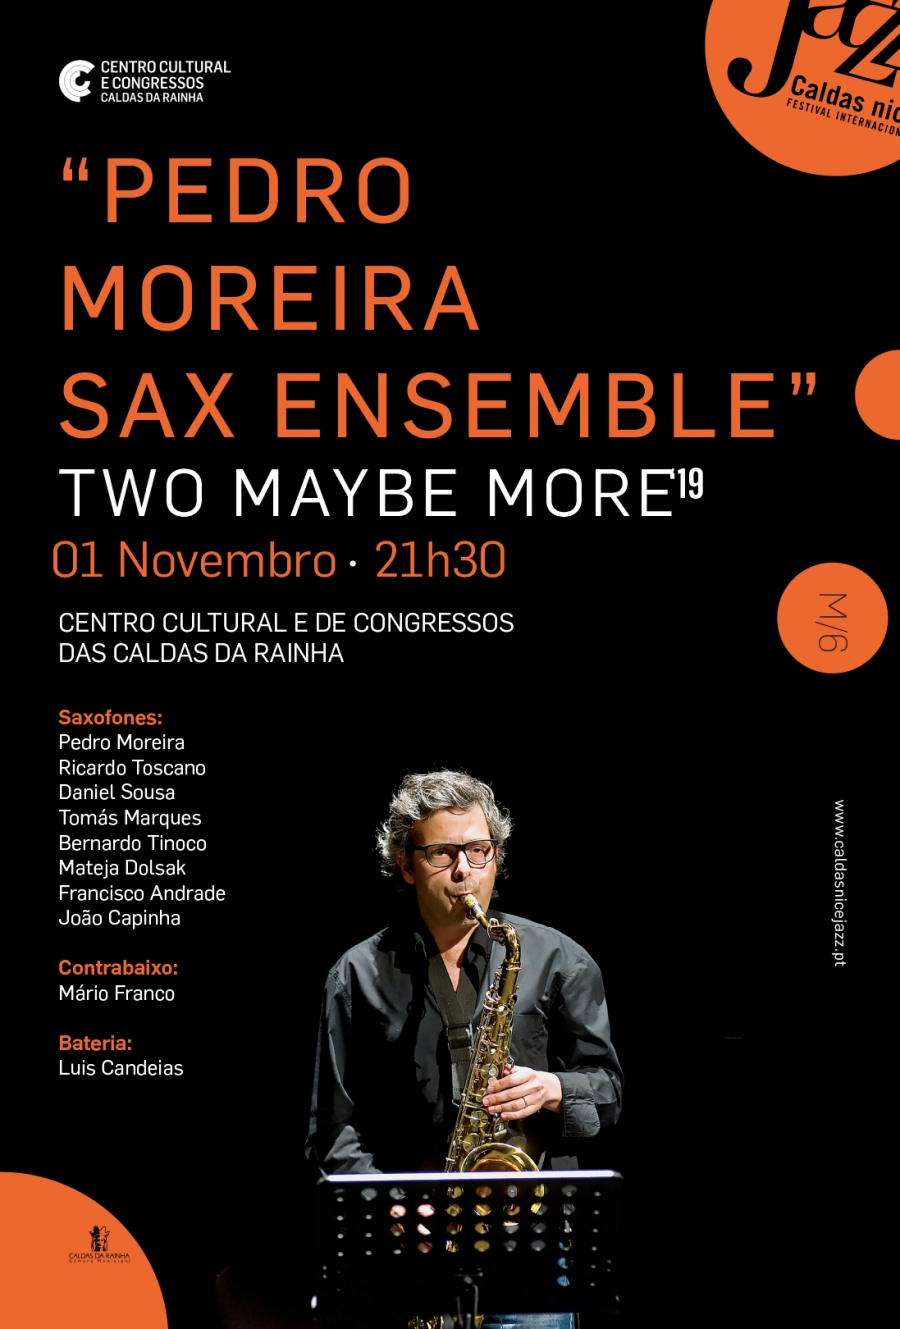 'Pedro Moreira Sax Ensemble'